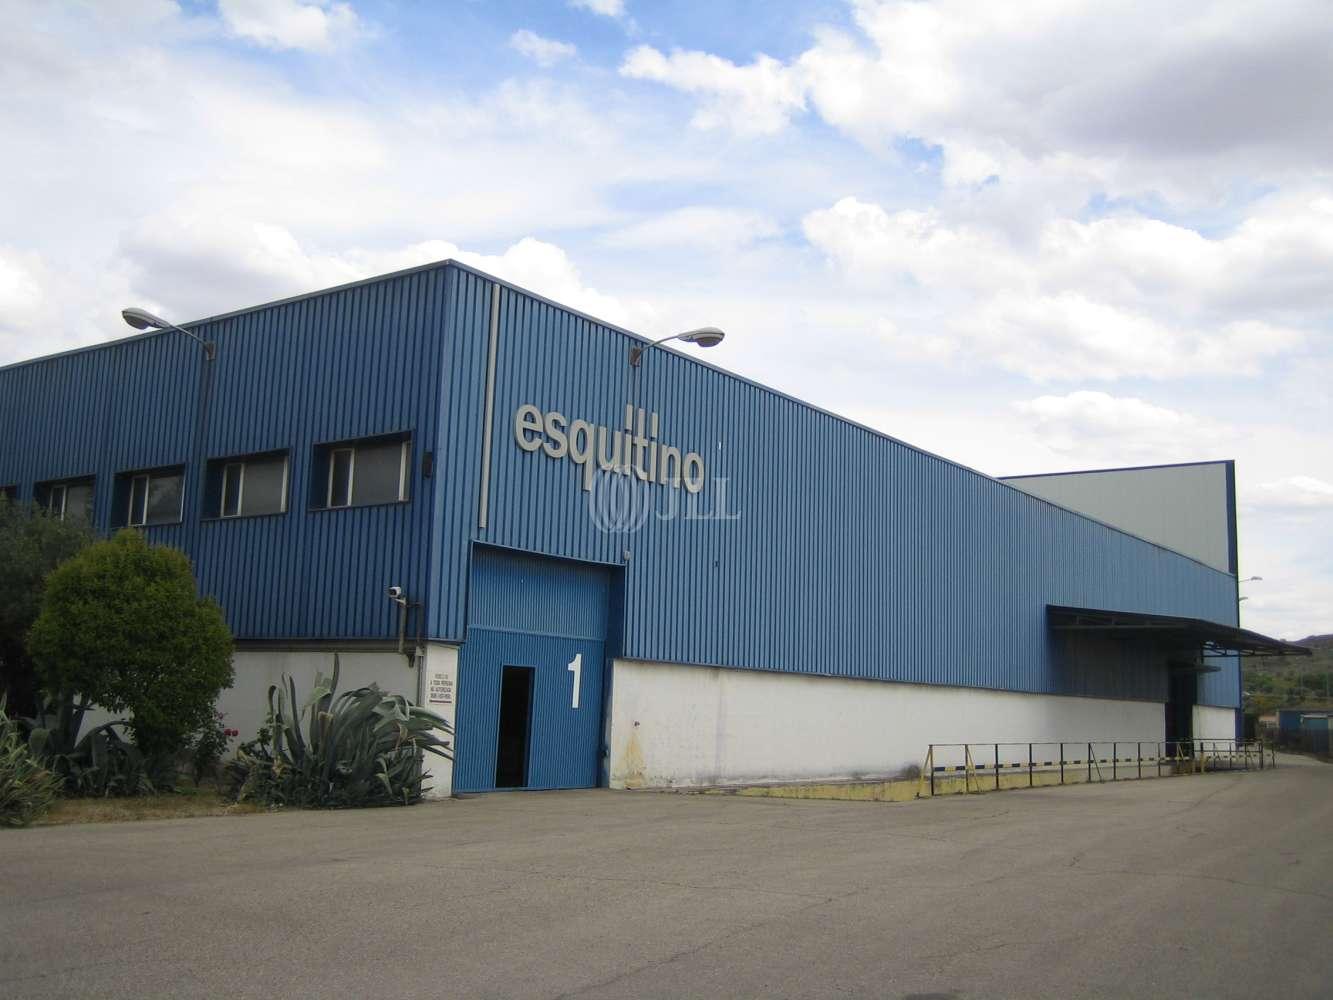 Naves industriales y logísticas Arganda del rey, 28500 - Nave Industrial - M0144 - P.I. ARGANDA DEL REY